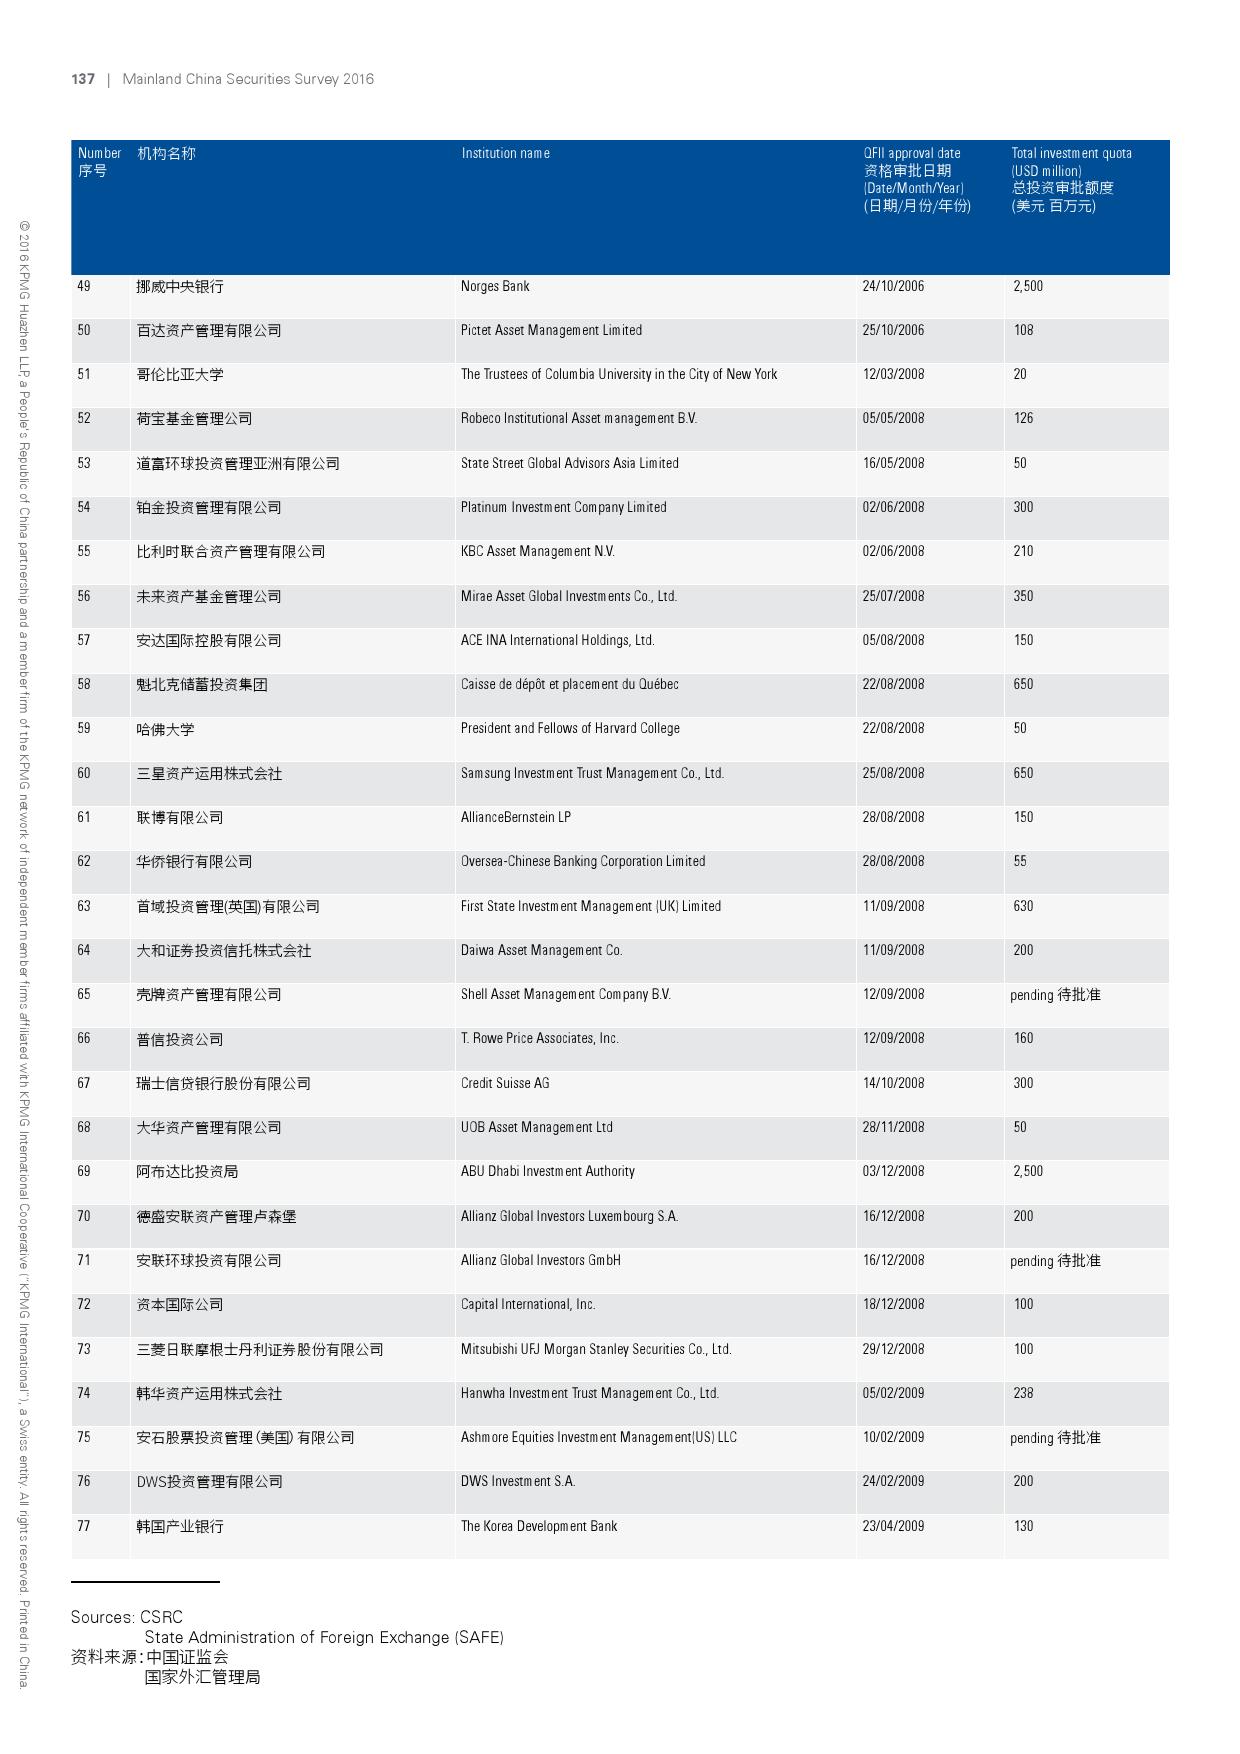 2016年中国证券业调查报告_000140